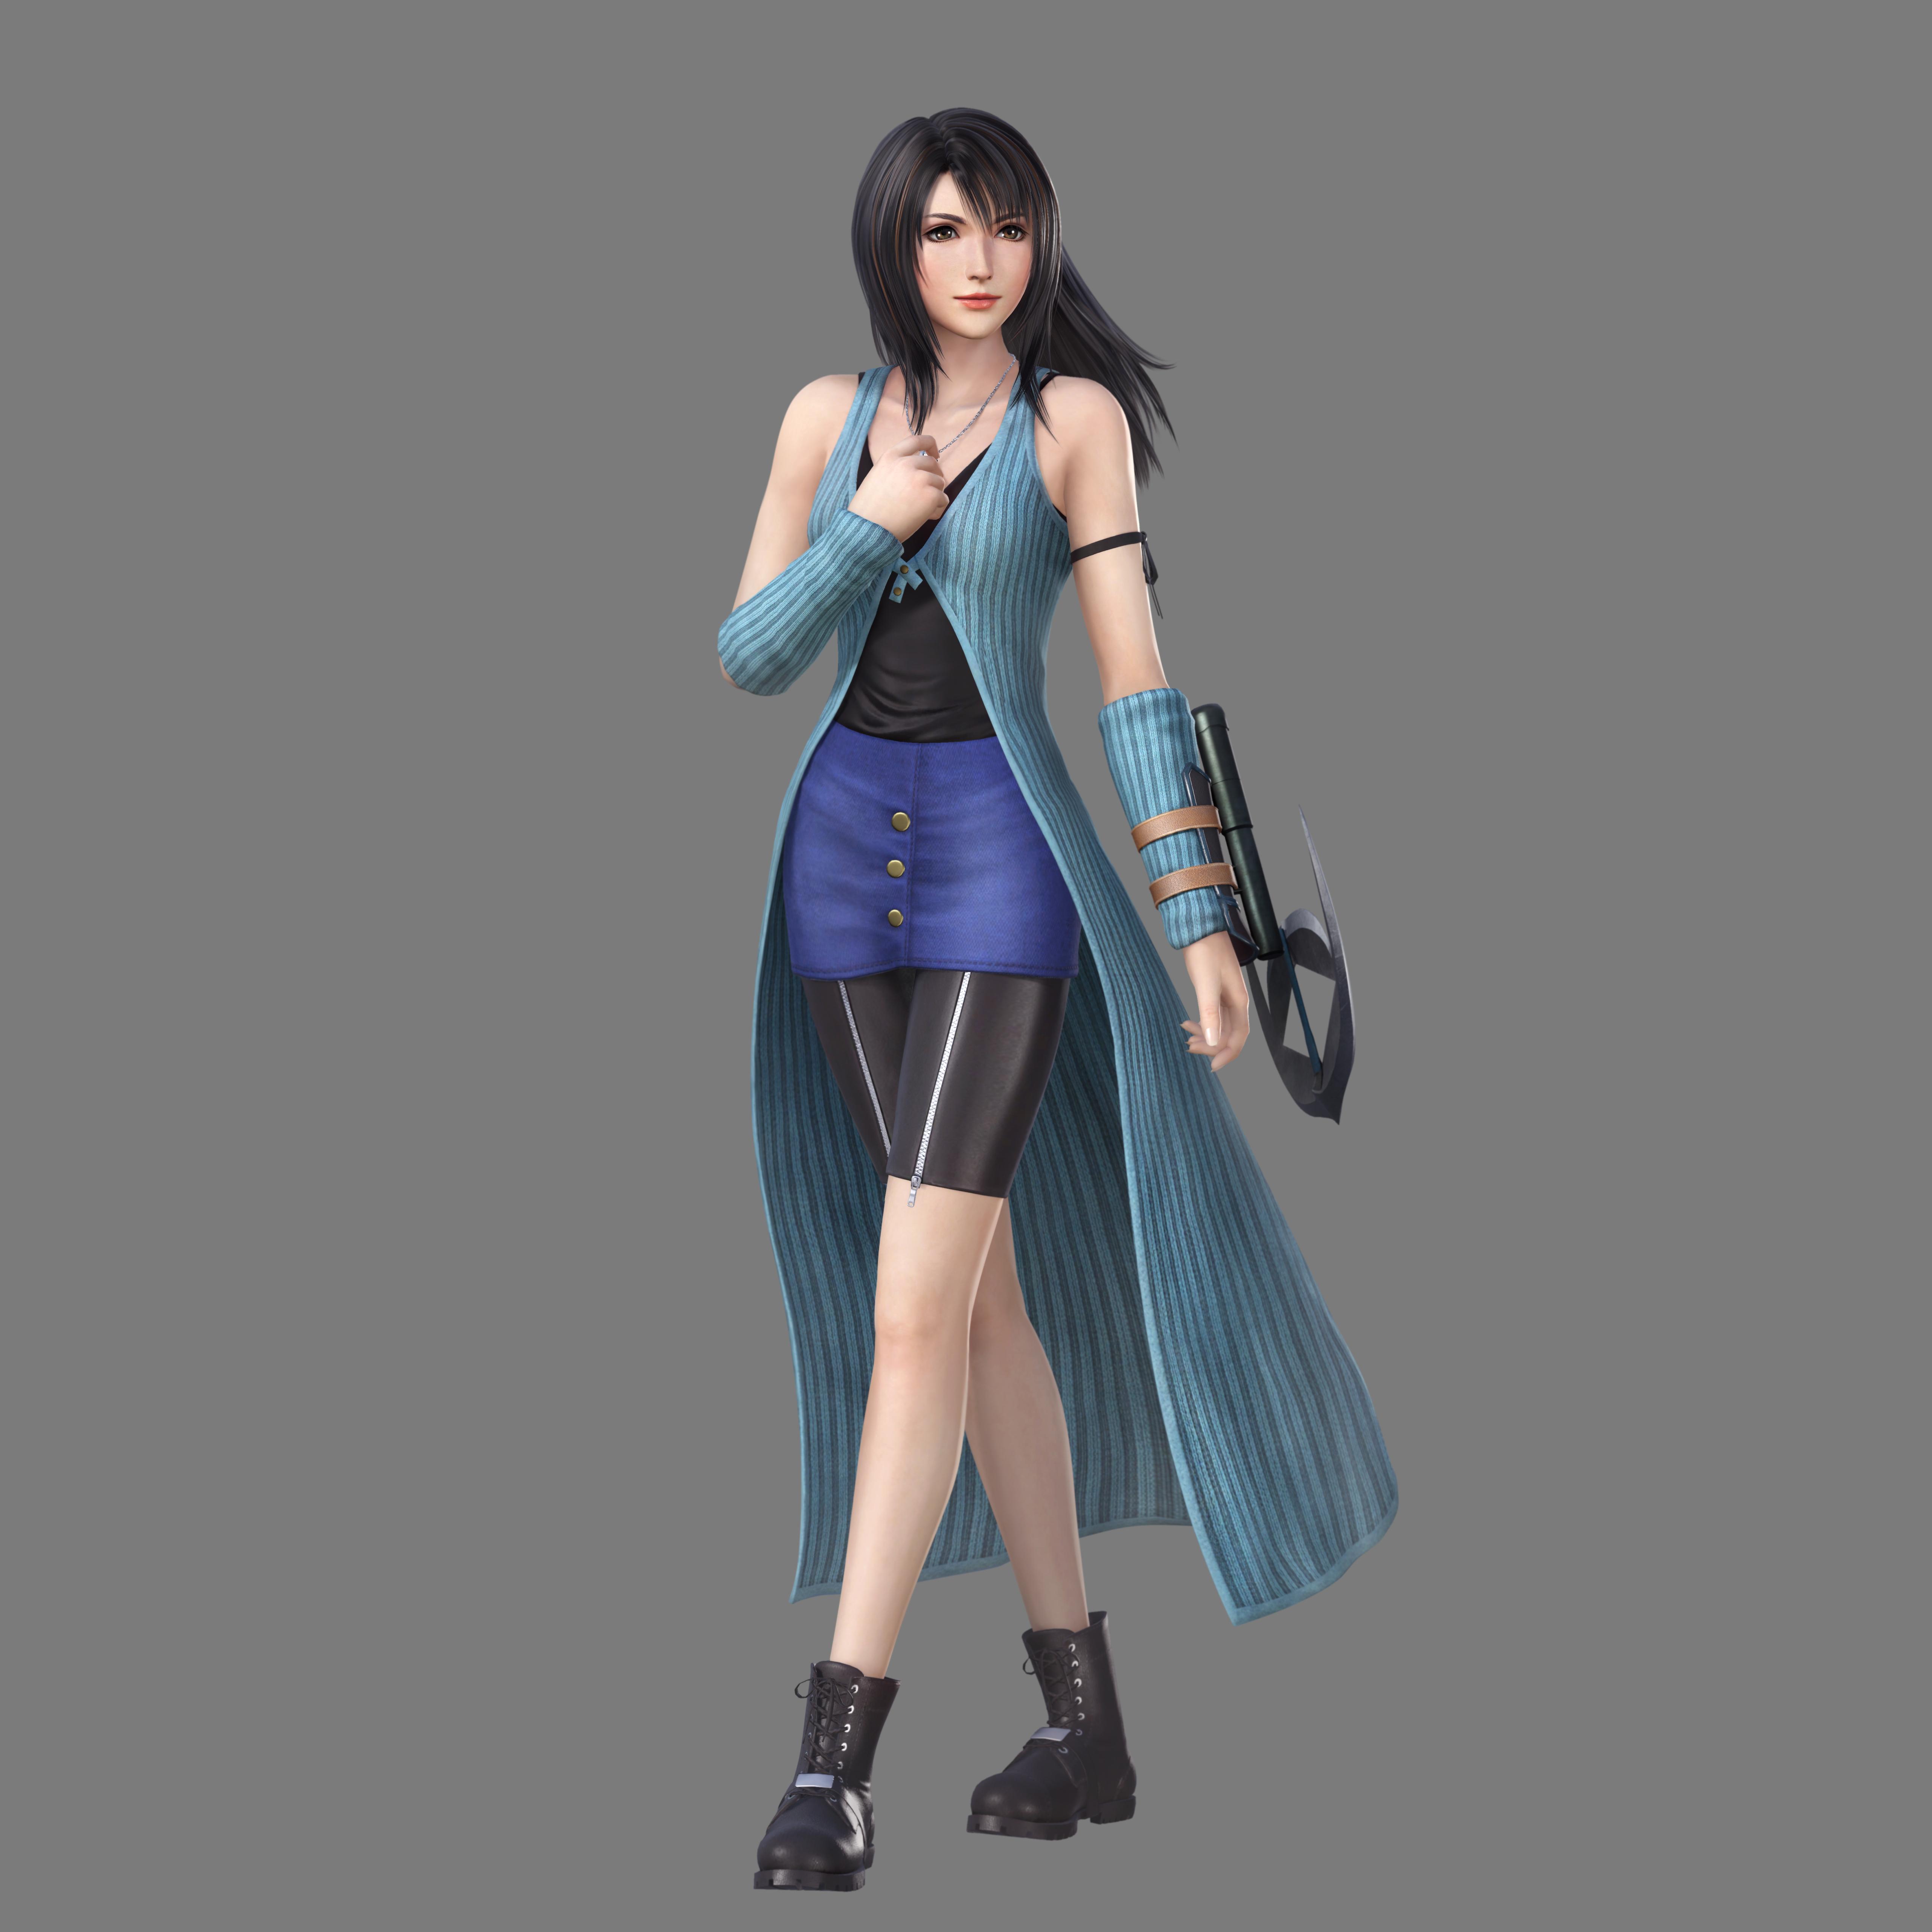 Rinoa Outfit 1 (Dissidia NT)